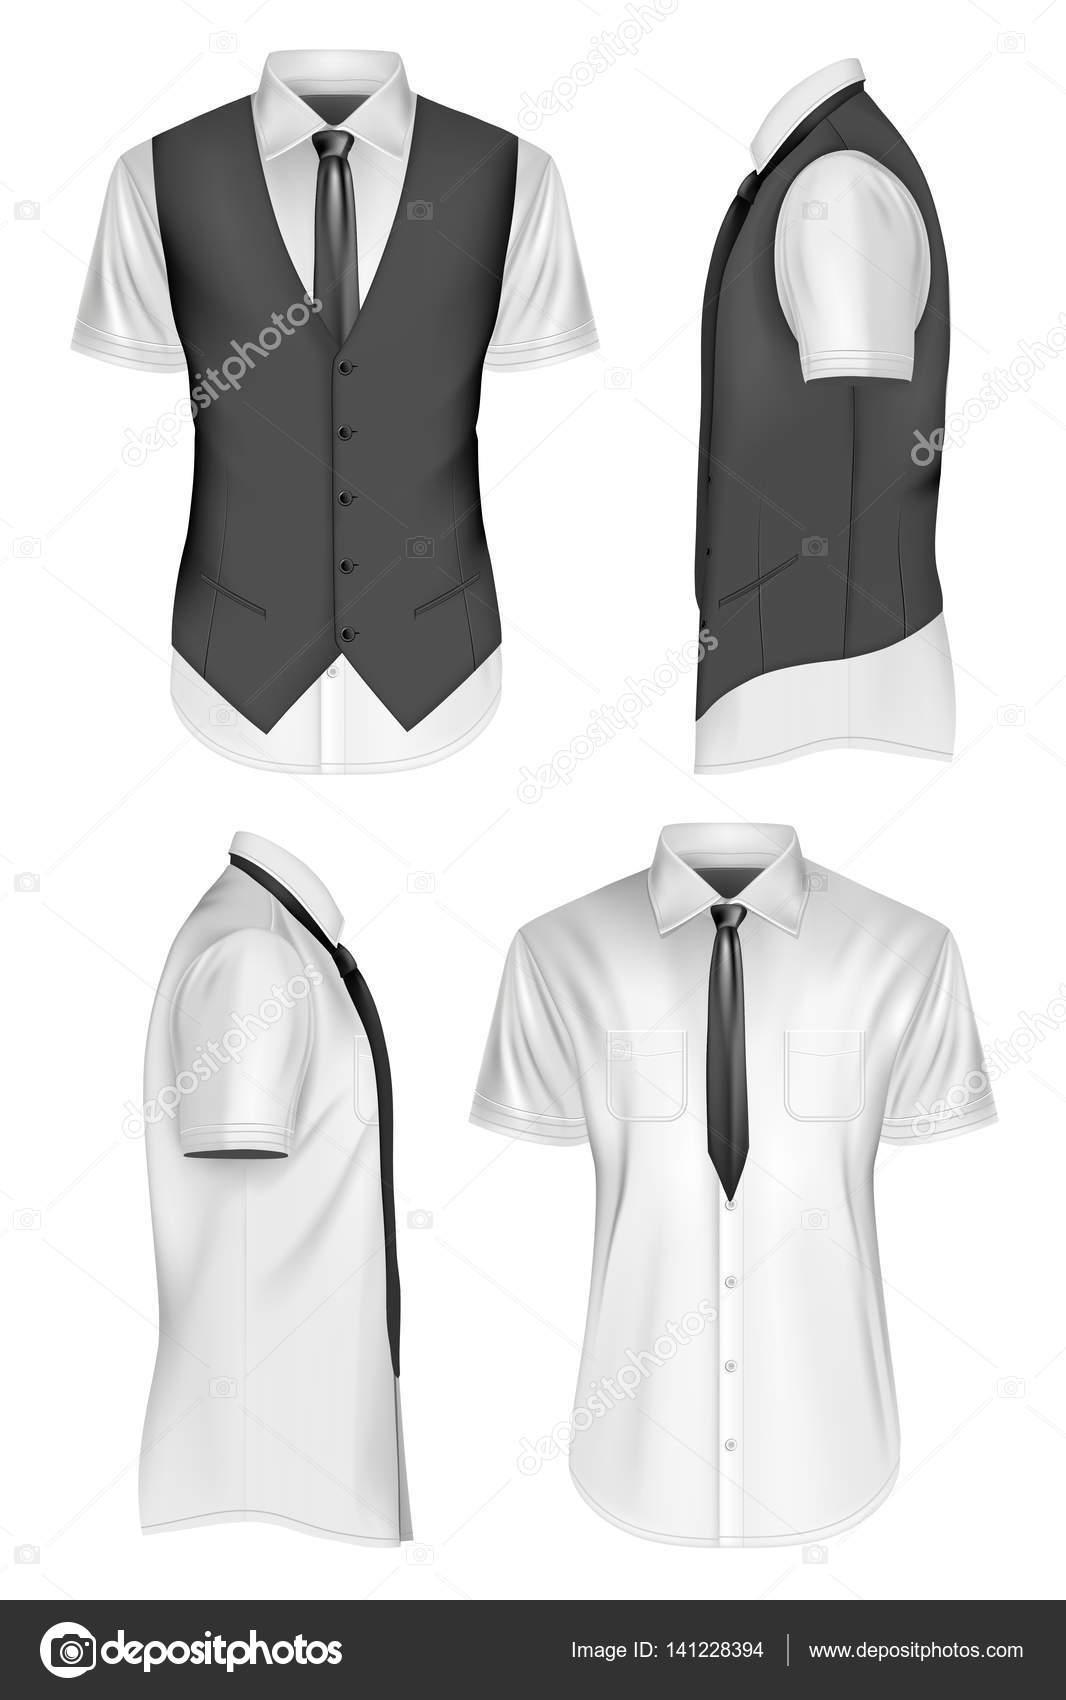 edba880815bb Ανδρών κοντό μανίκι πουκάμισο με γραβάτα και γιλέκο. Πλήρως επεξεργάσιμο  χειροποίητο ματιών. Εικονογράφηση διάνυσμα — Διάνυσμα με ...